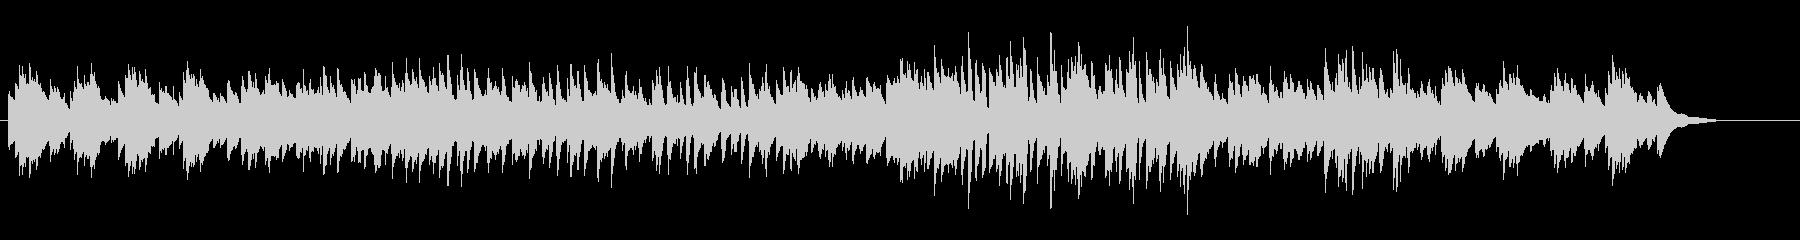 アジアン、和風なピアノの未再生の波形